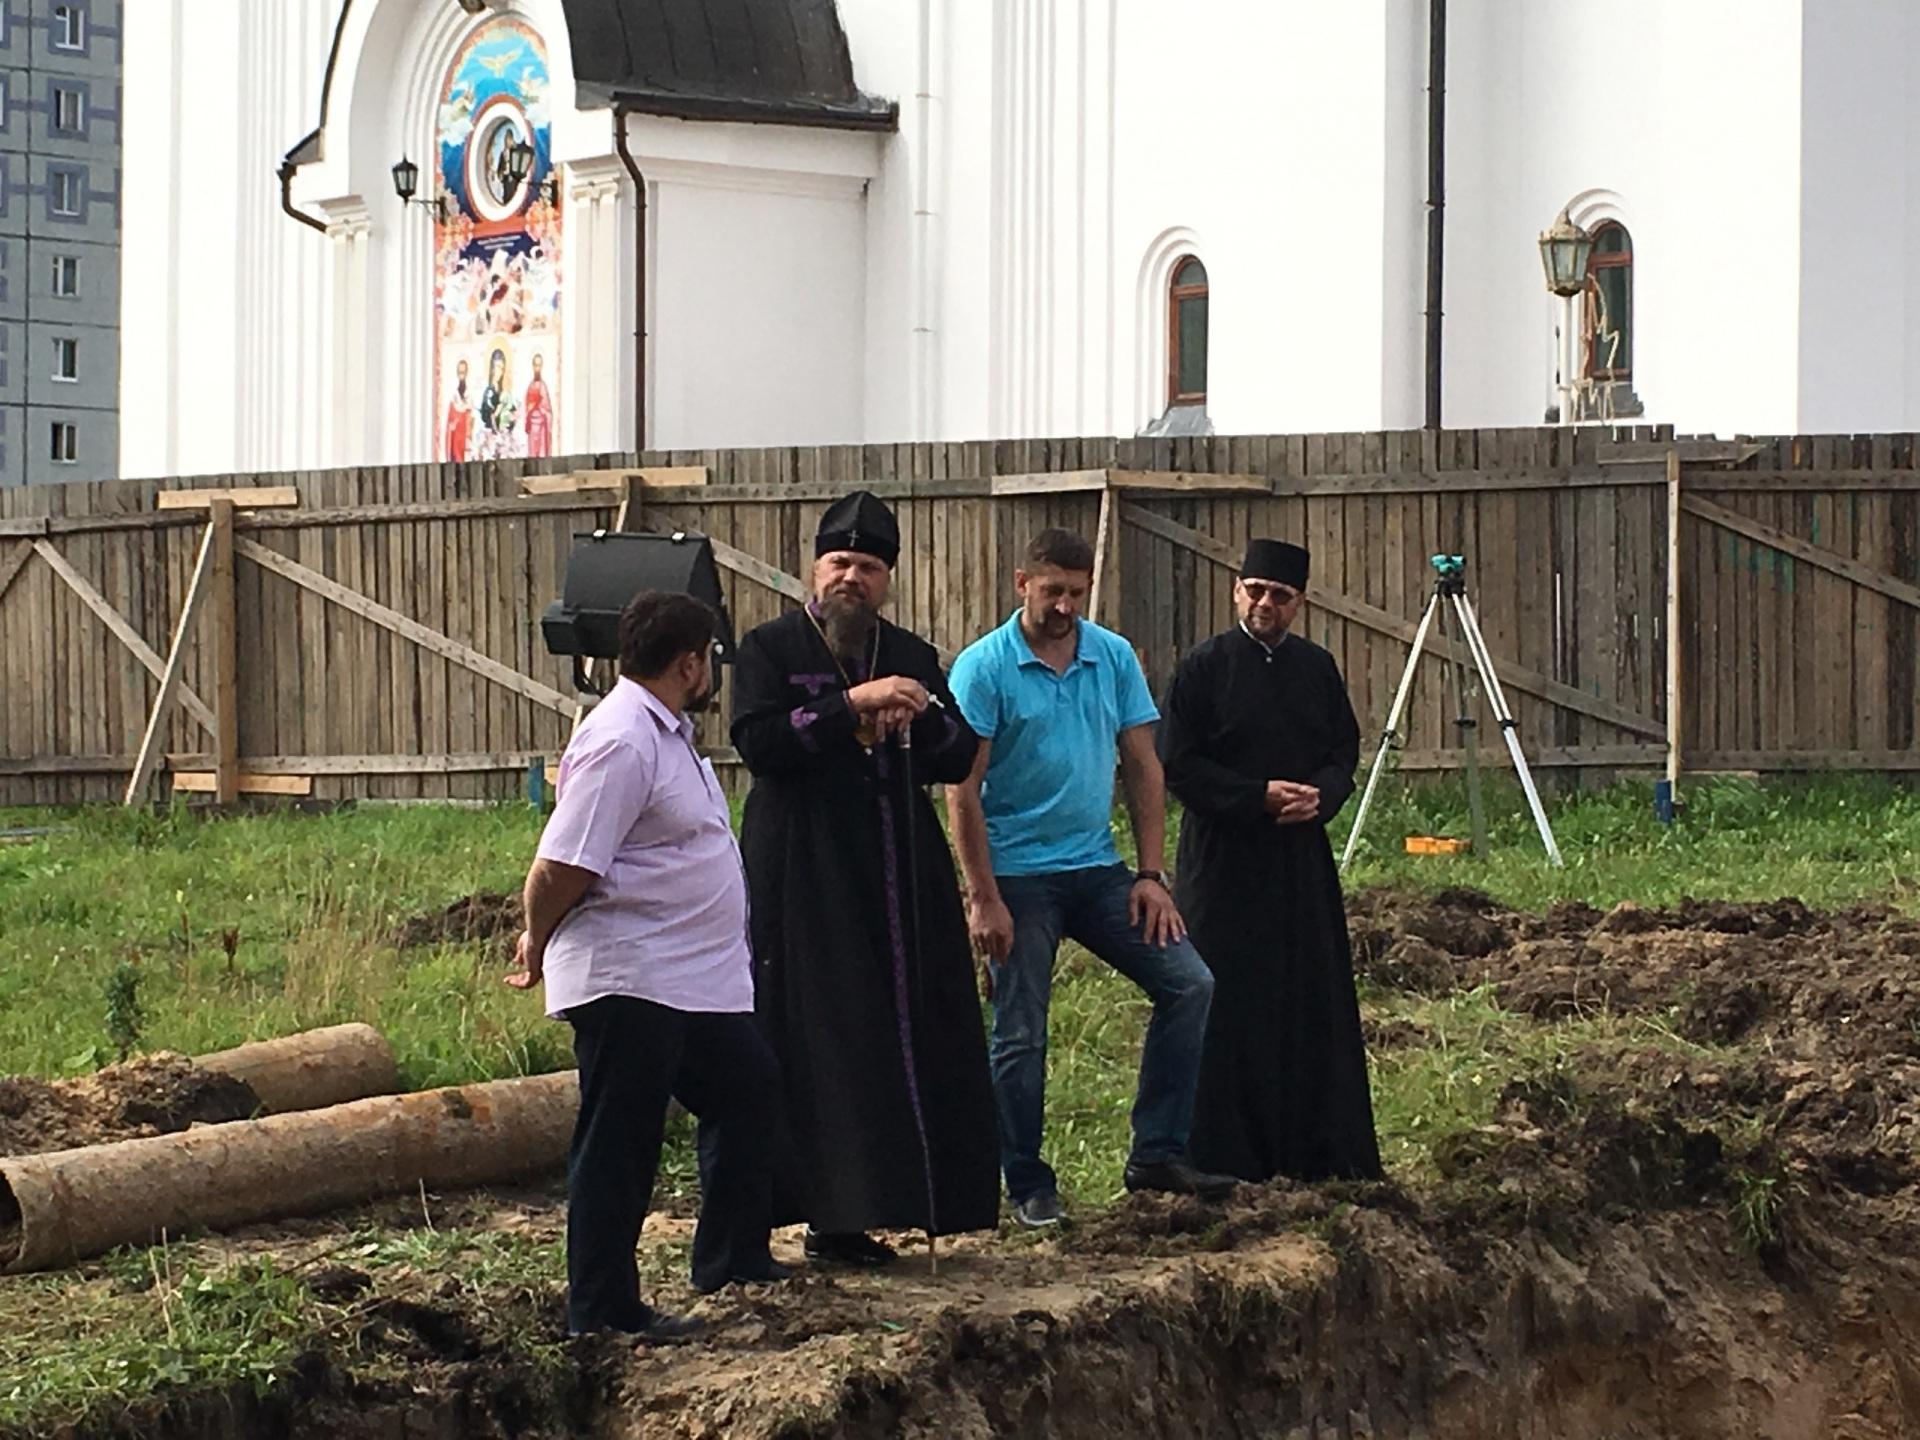 В Сыктывкаре у Свято-Стефановского кафедрального собора построят звонницу